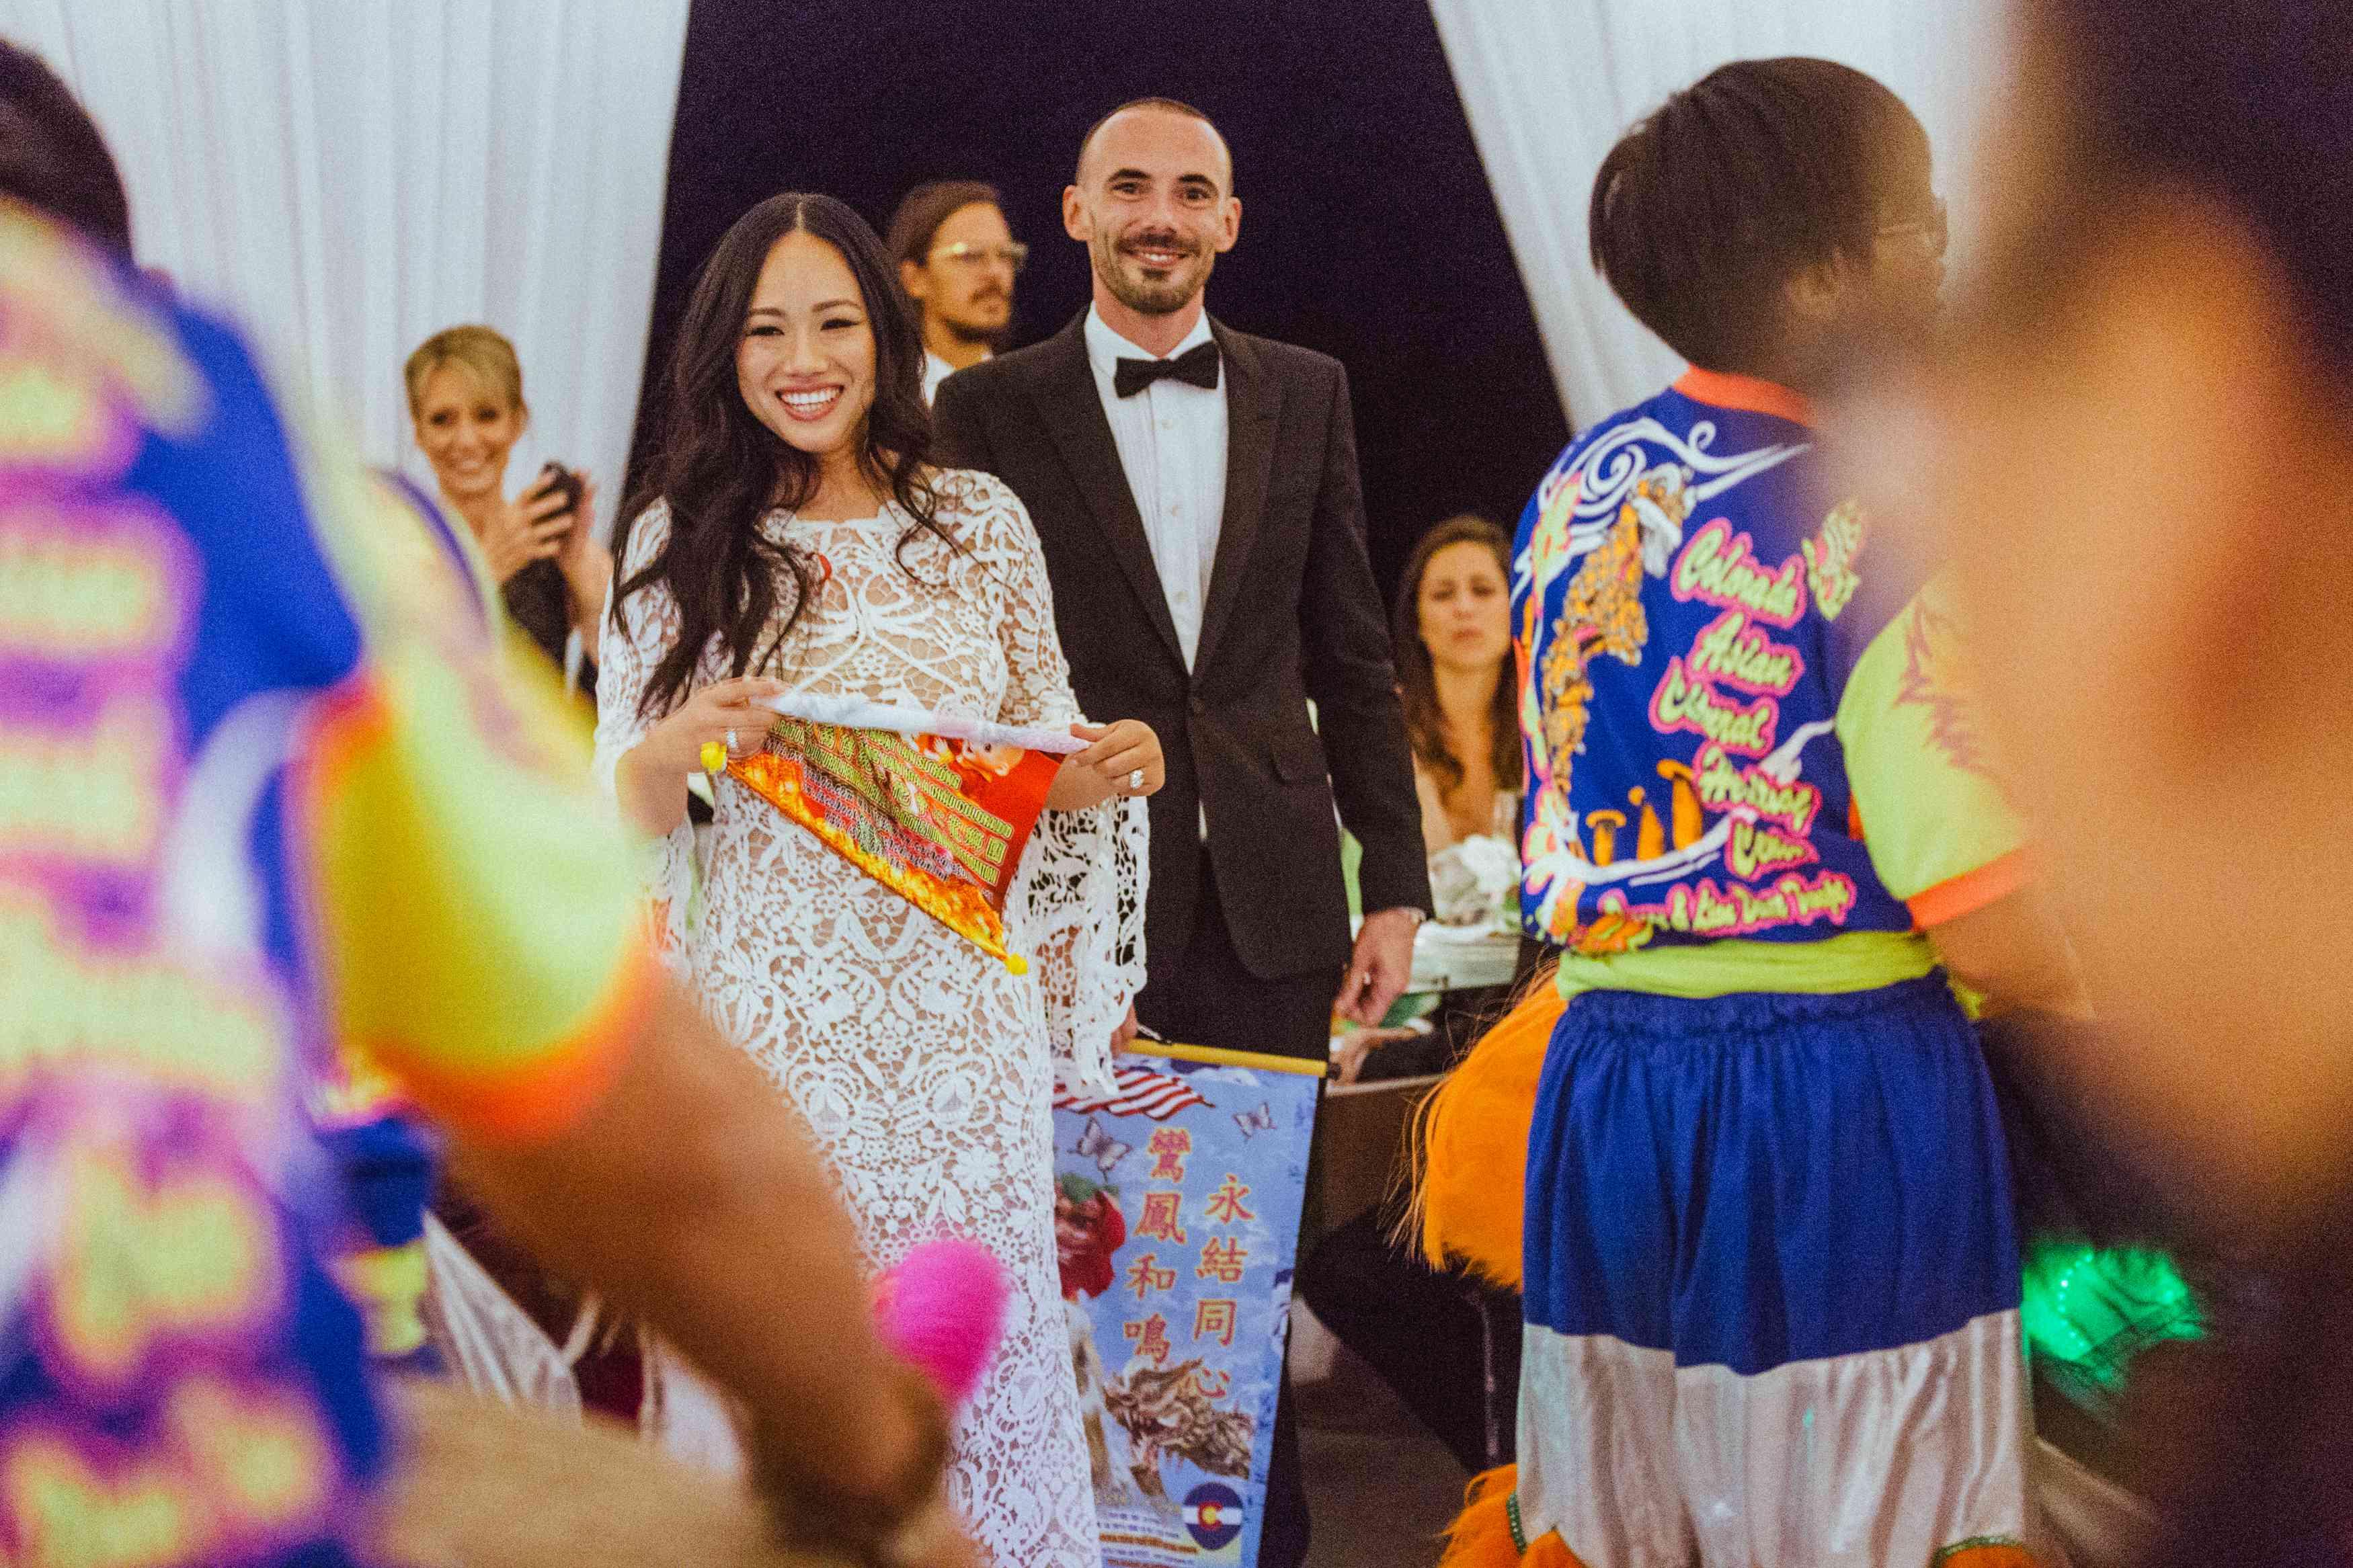 <p>Bride at reception</p><br><br>